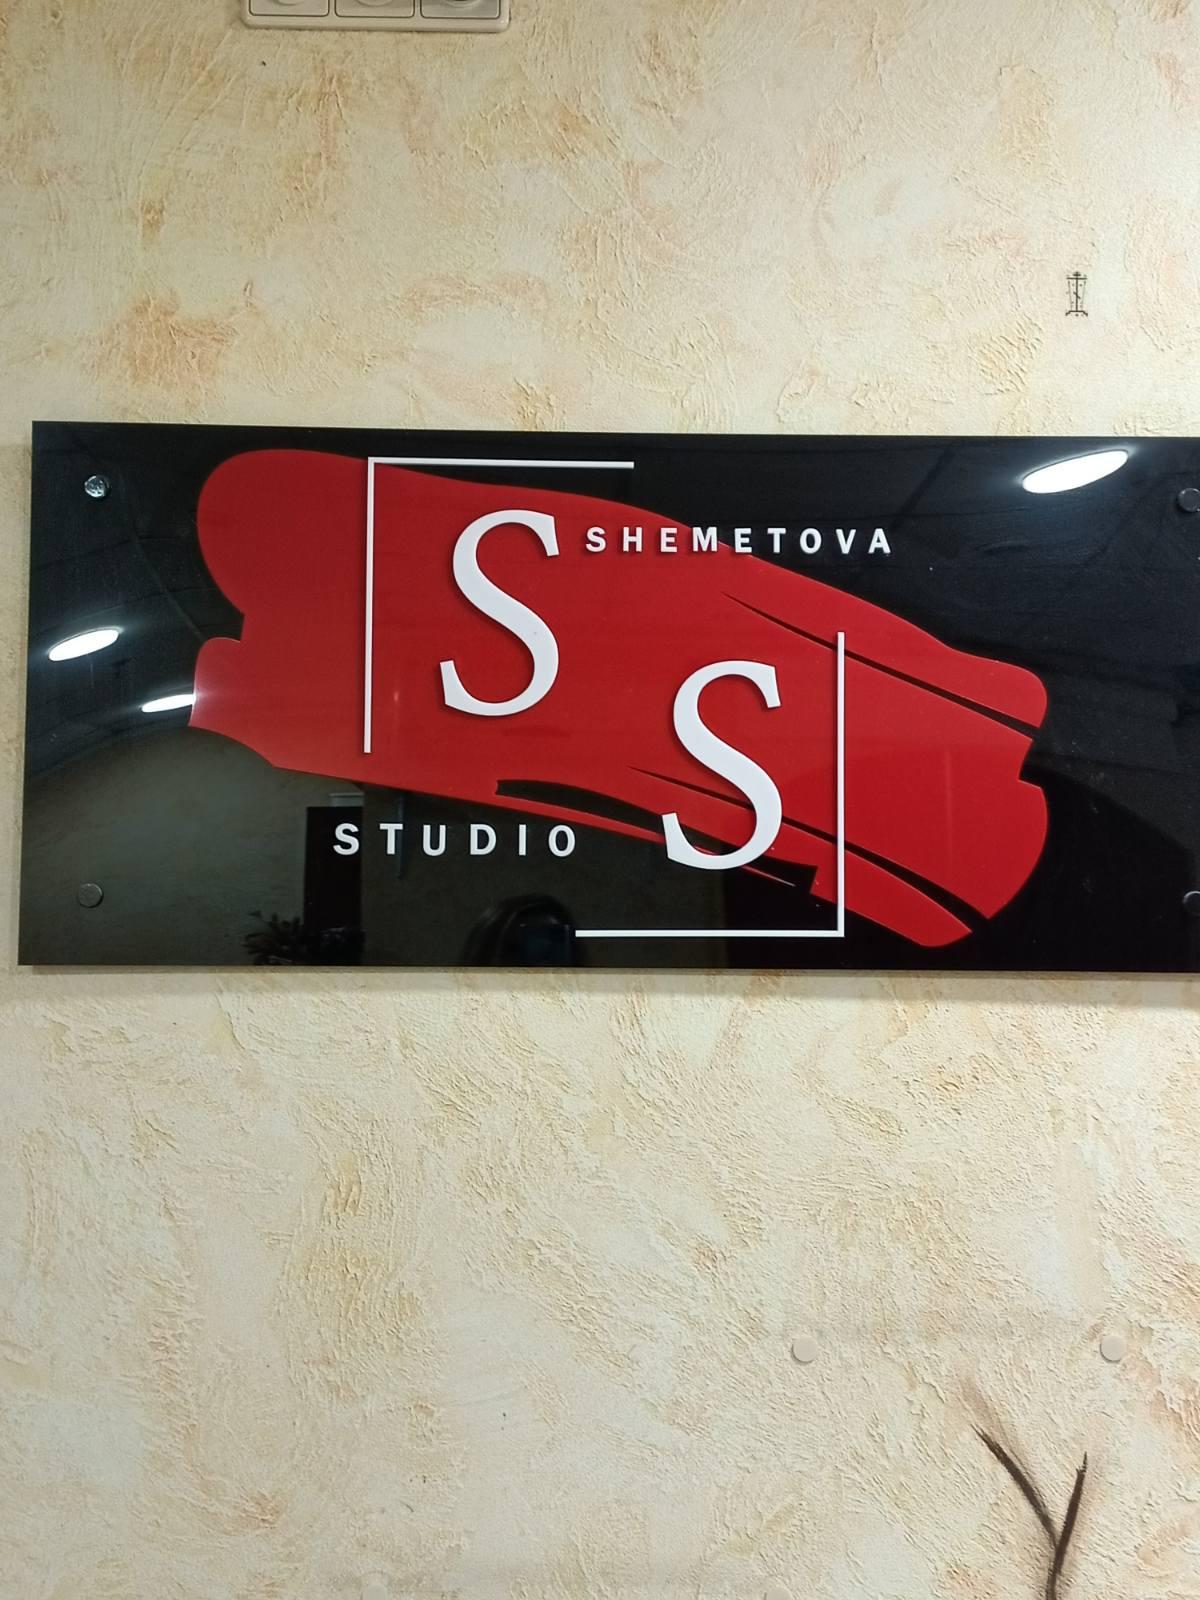 Shemetova Studio